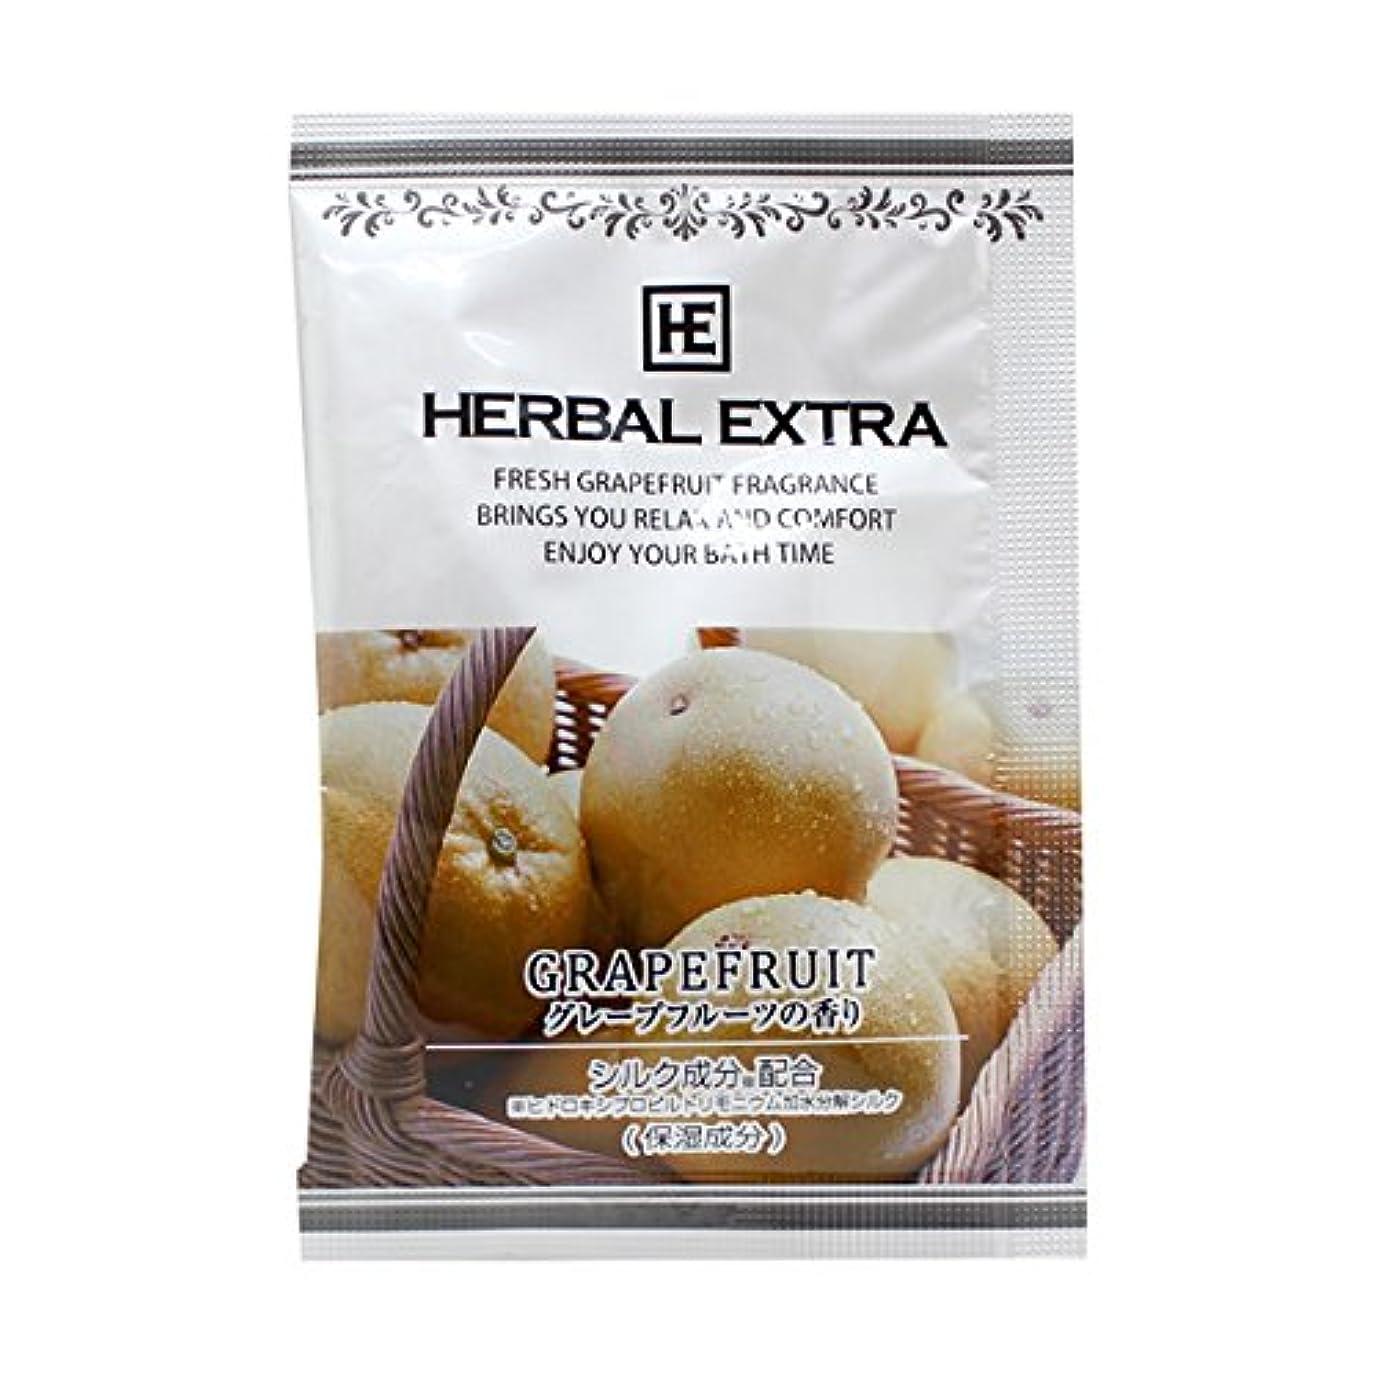 ガイダンスローラー動員する入浴剤 ハーバルエクストラ「グレープフルーツの香り」30個